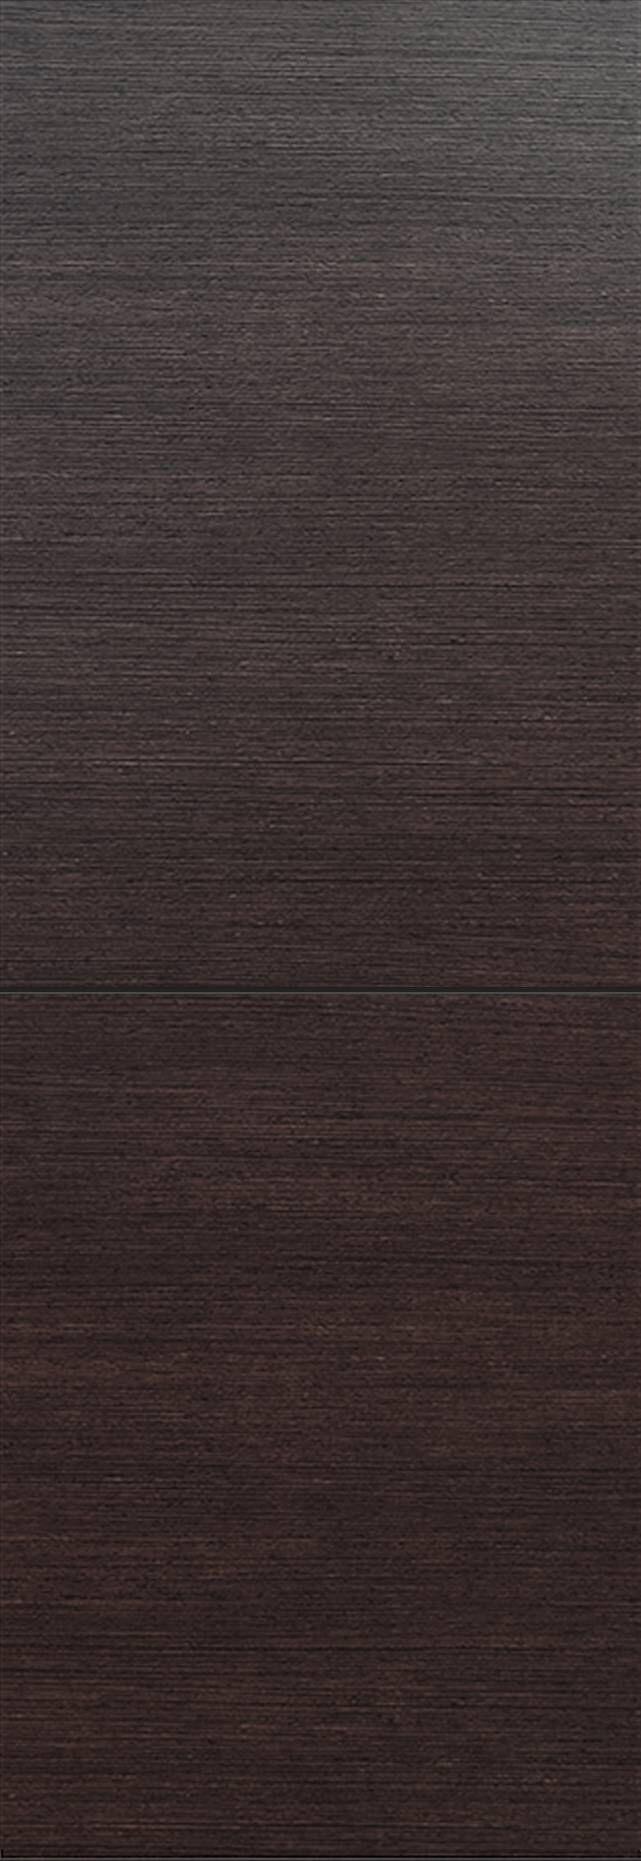 Tivoli Б-2 Invisible цвет - Венге Шоколад Без стекла (ДГ)